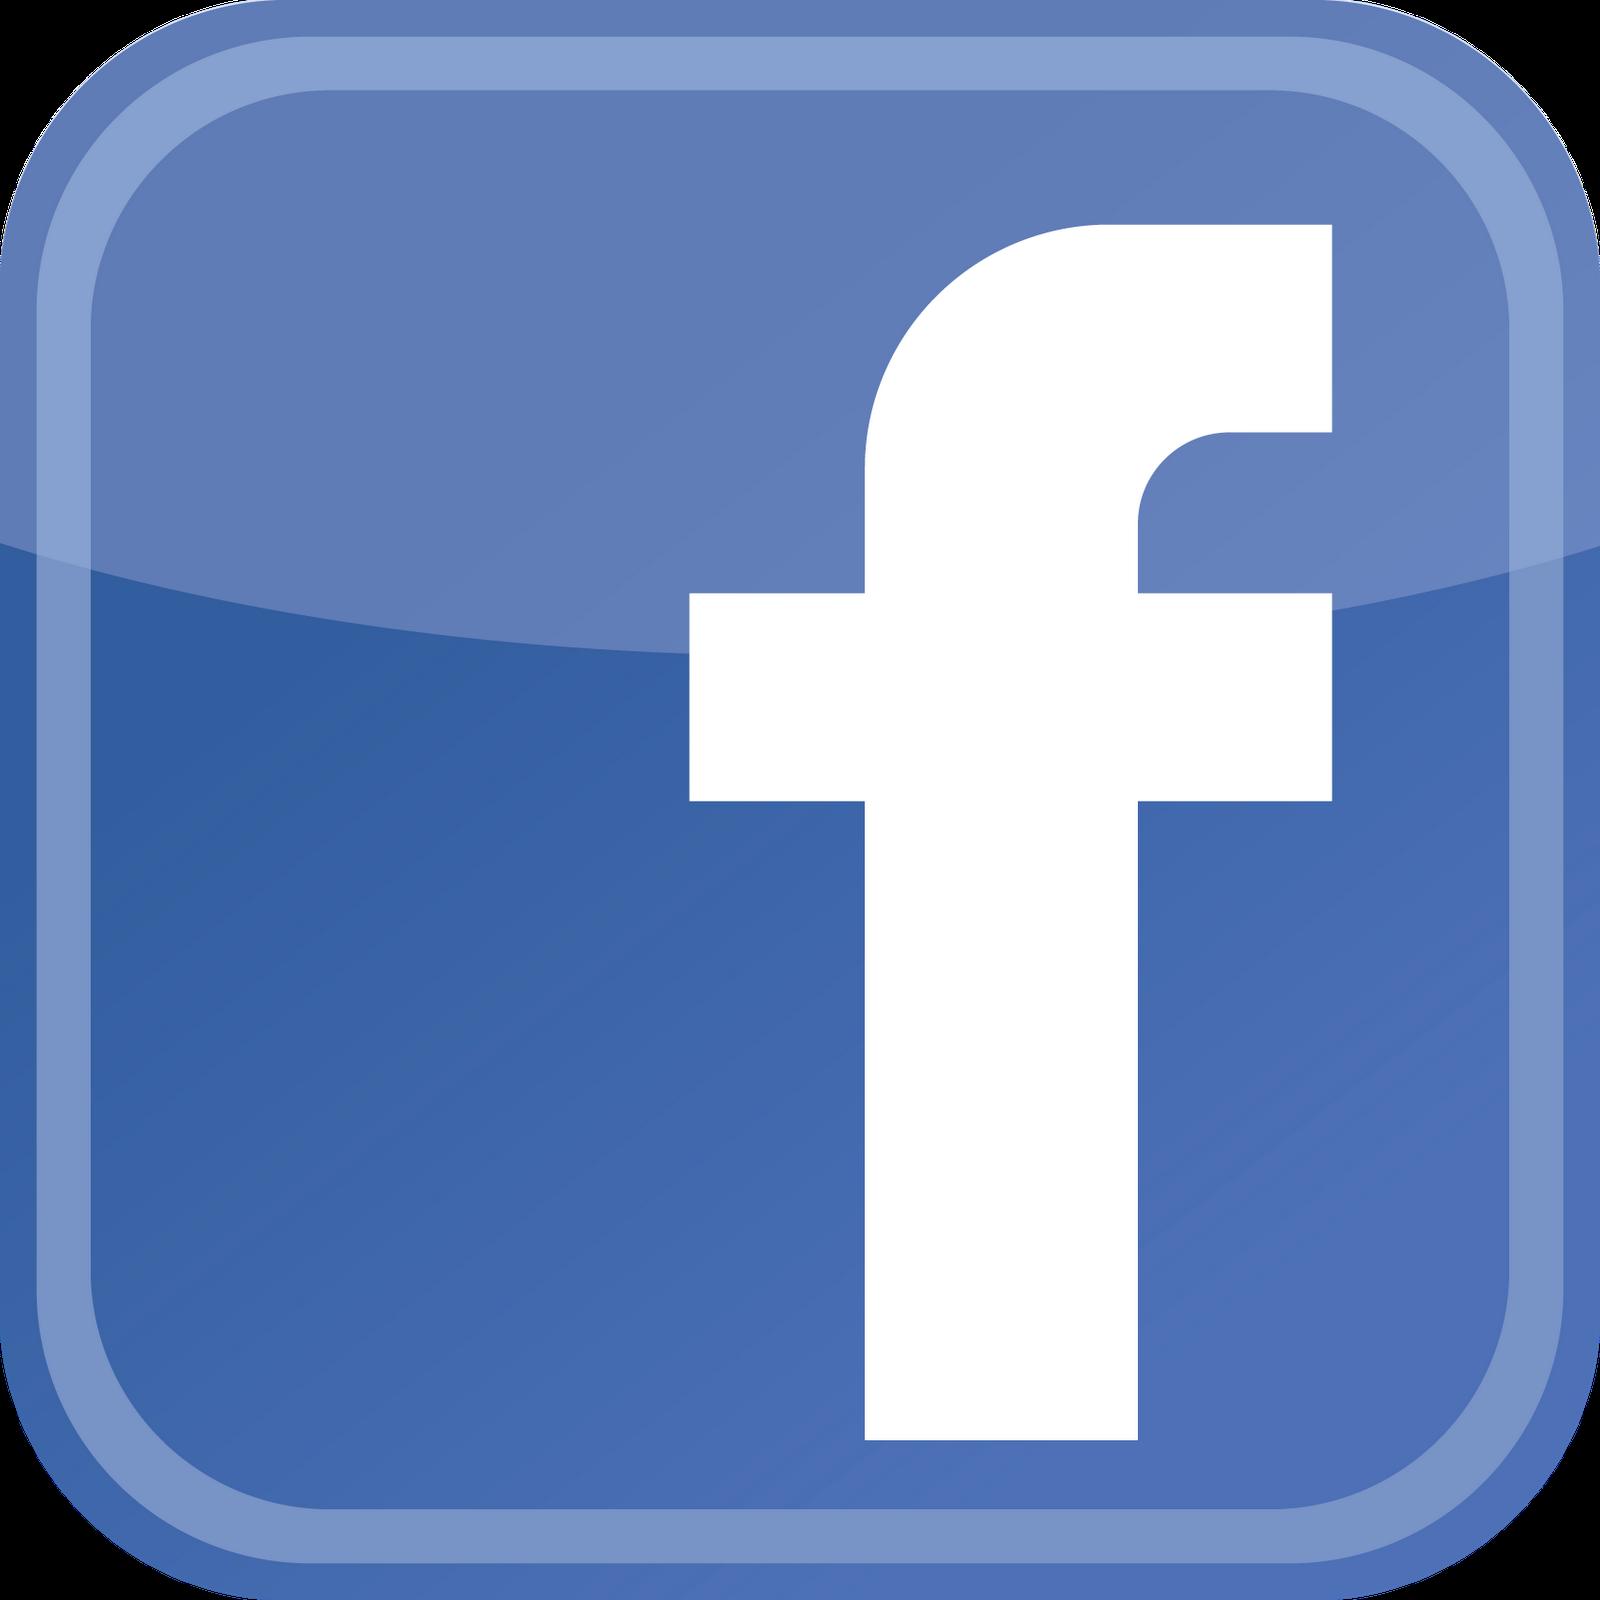 Логотип Facebook квадратный